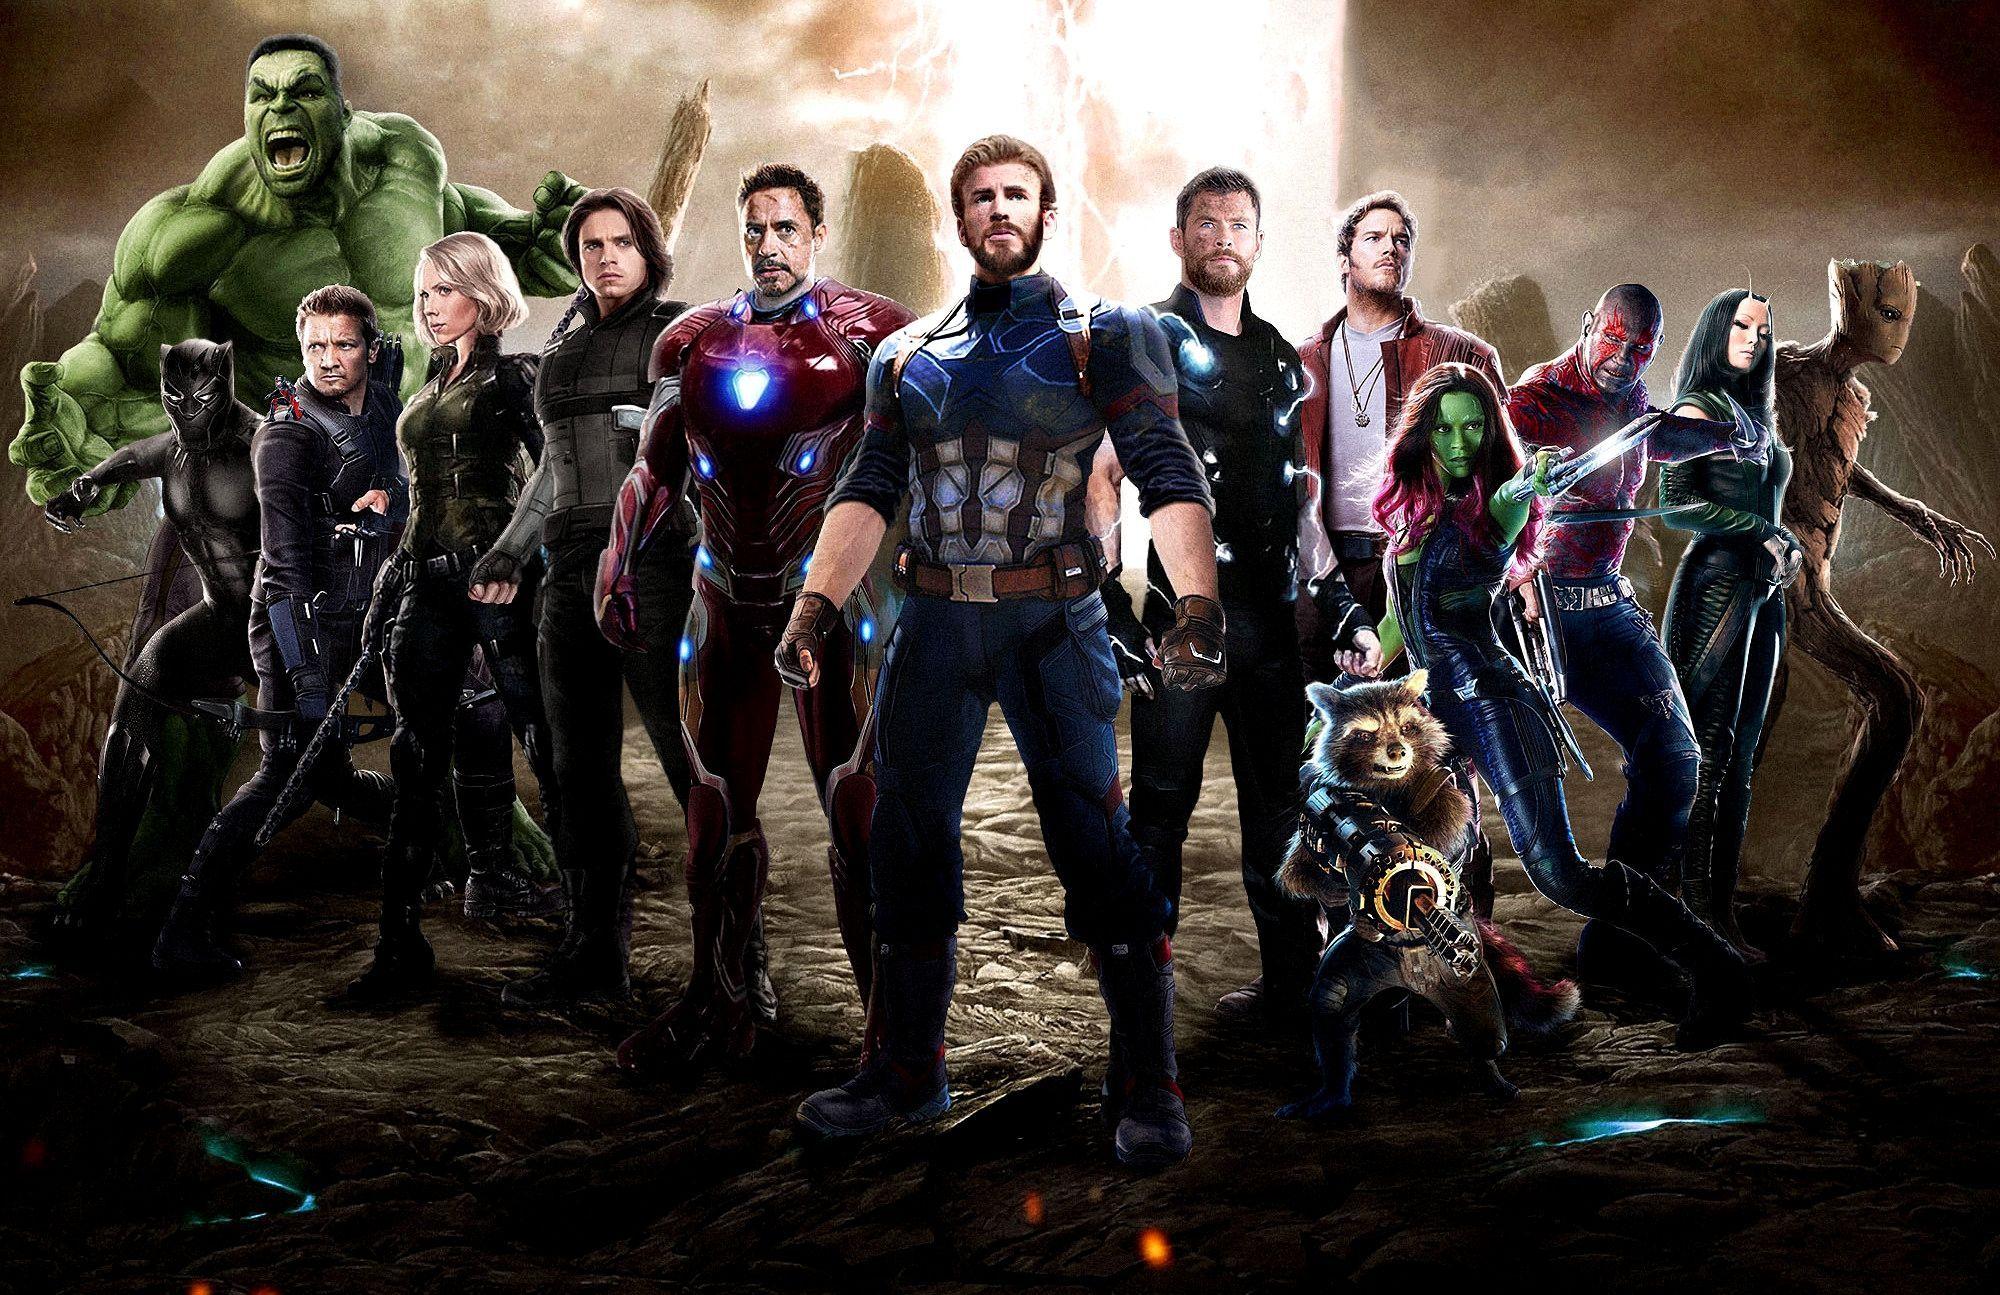 4k Wallpaper For Pc Marvel Gallery 4k In 2020 Avengers Avengers Movies Avengers Wallpaper